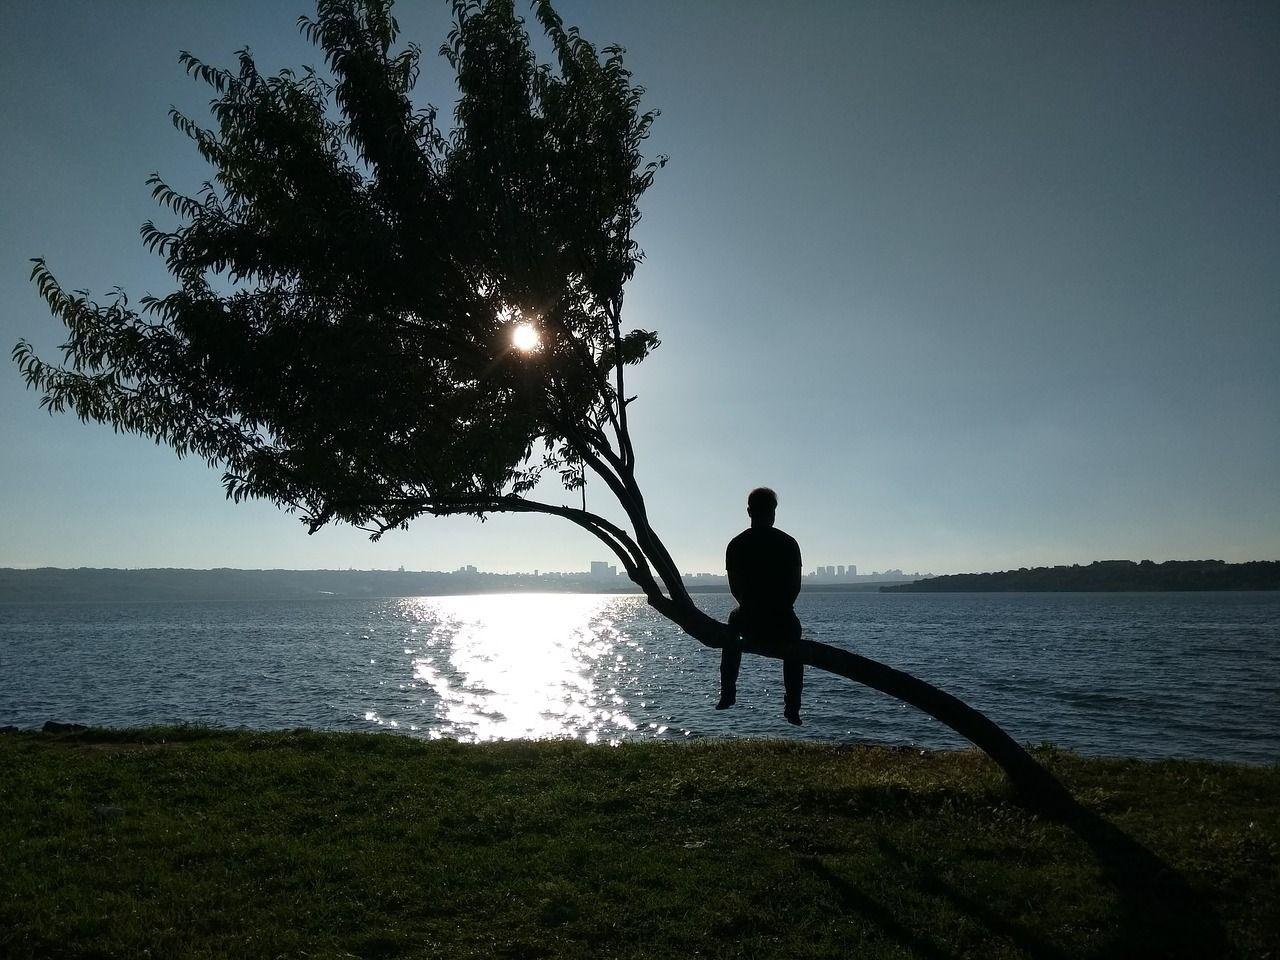 personnes qui aiment être seules